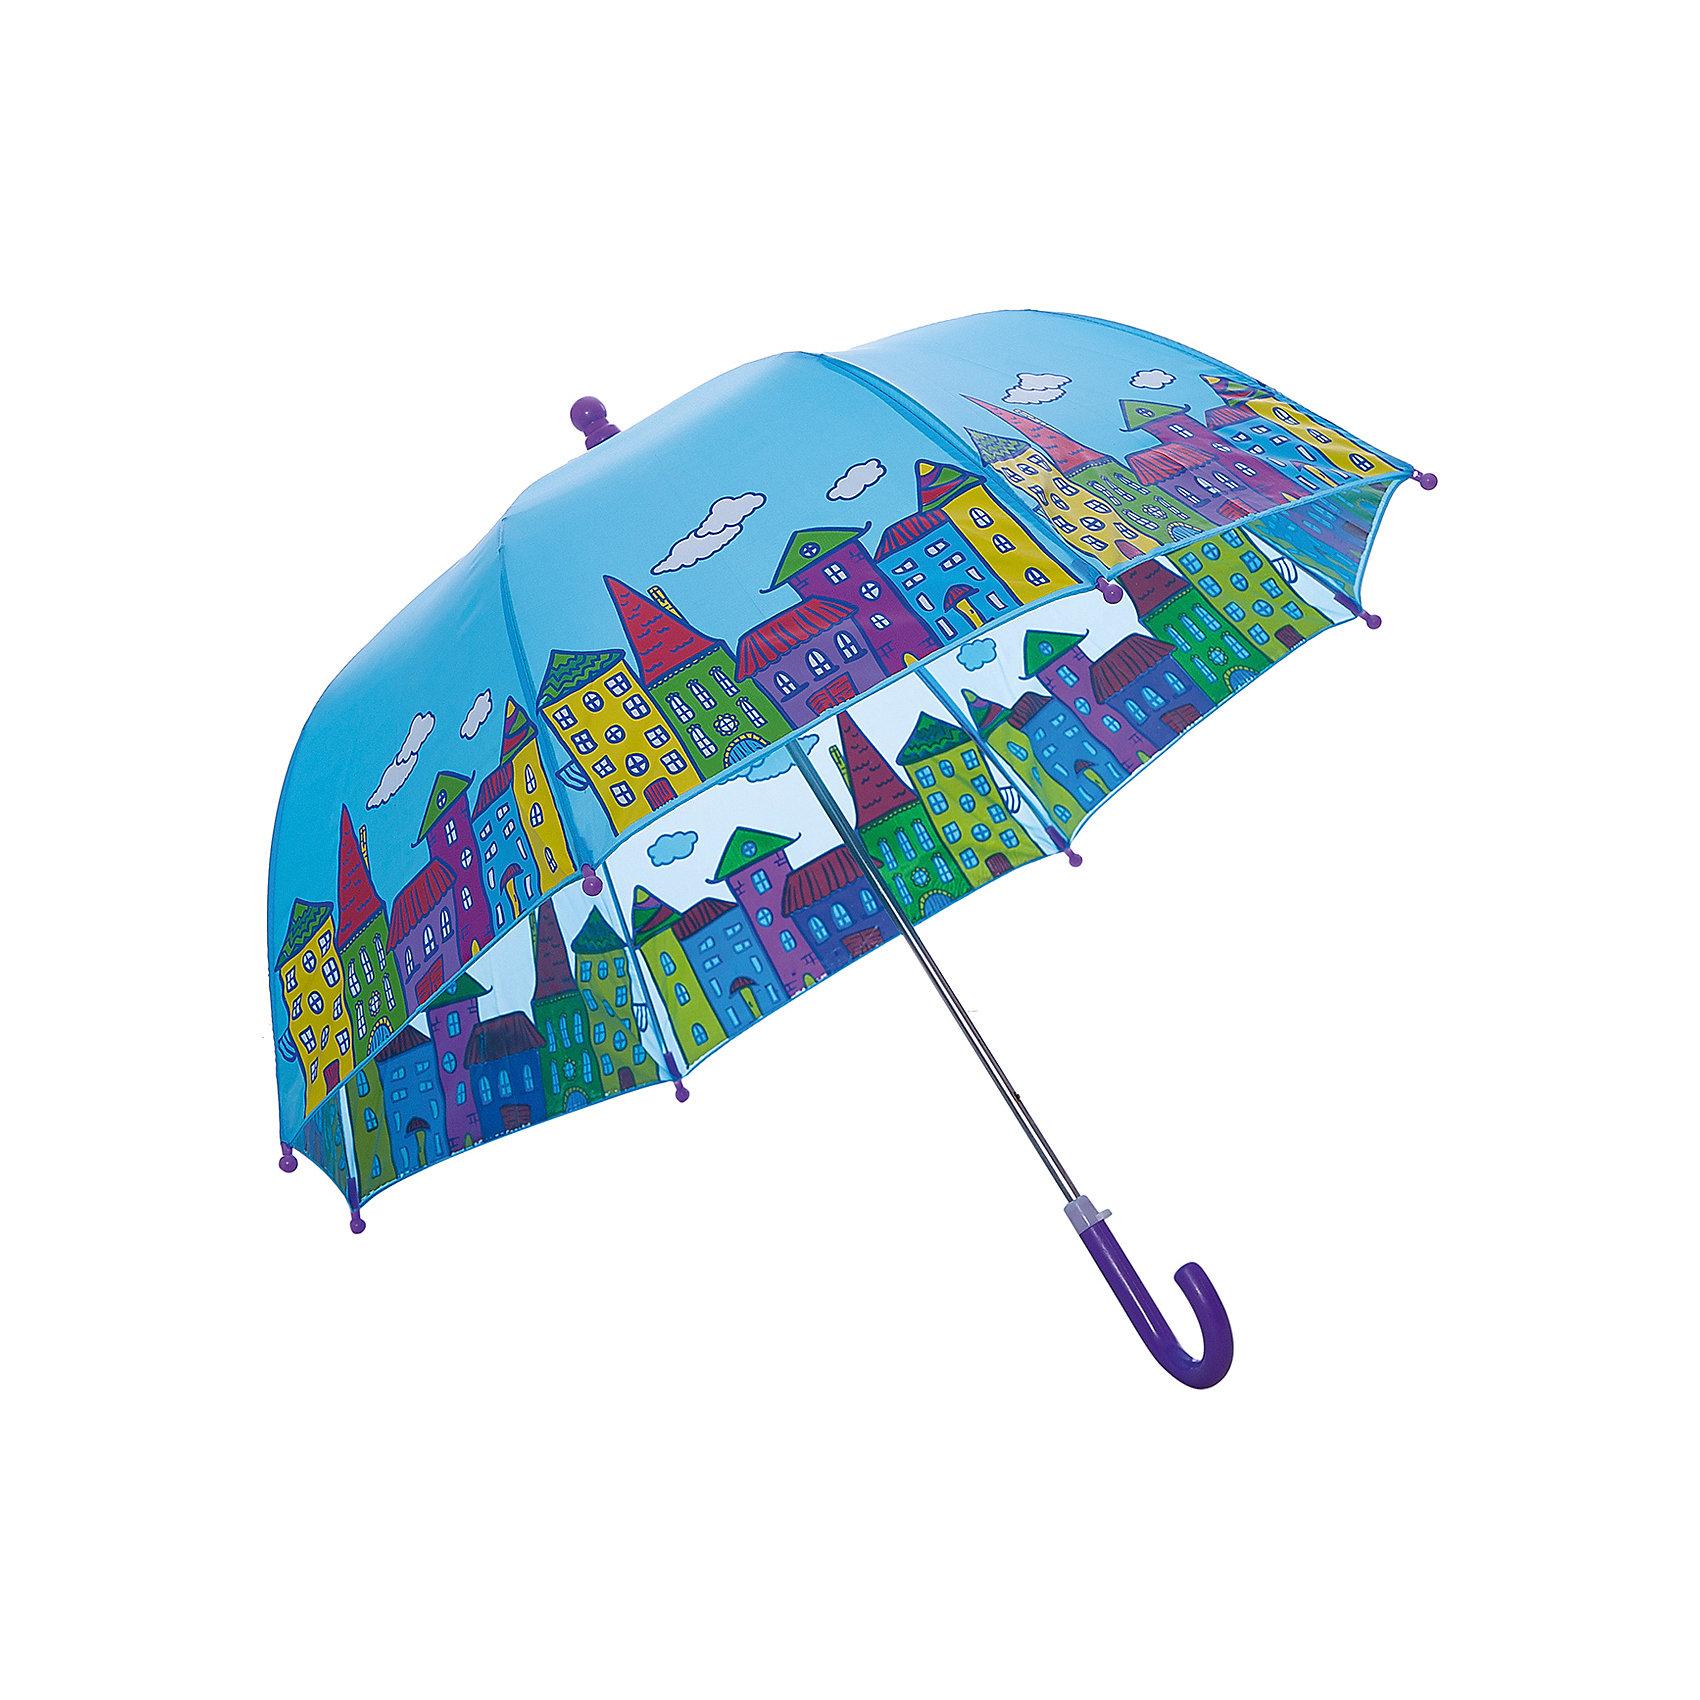 Зонт детский Домики, 46 см.Зонты детские<br>Яркий и удобный зонтик для малышей Домики. Радиус: 46 см. Длина ручки: 57 см.<br><br>Ширина мм: 615<br>Глубина мм: 500<br>Высота мм: 800<br>Вес г: 220<br>Возраст от месяцев: 36<br>Возраст до месяцев: 2147483647<br>Пол: Унисекс<br>Возраст: Детский<br>SKU: 5508505